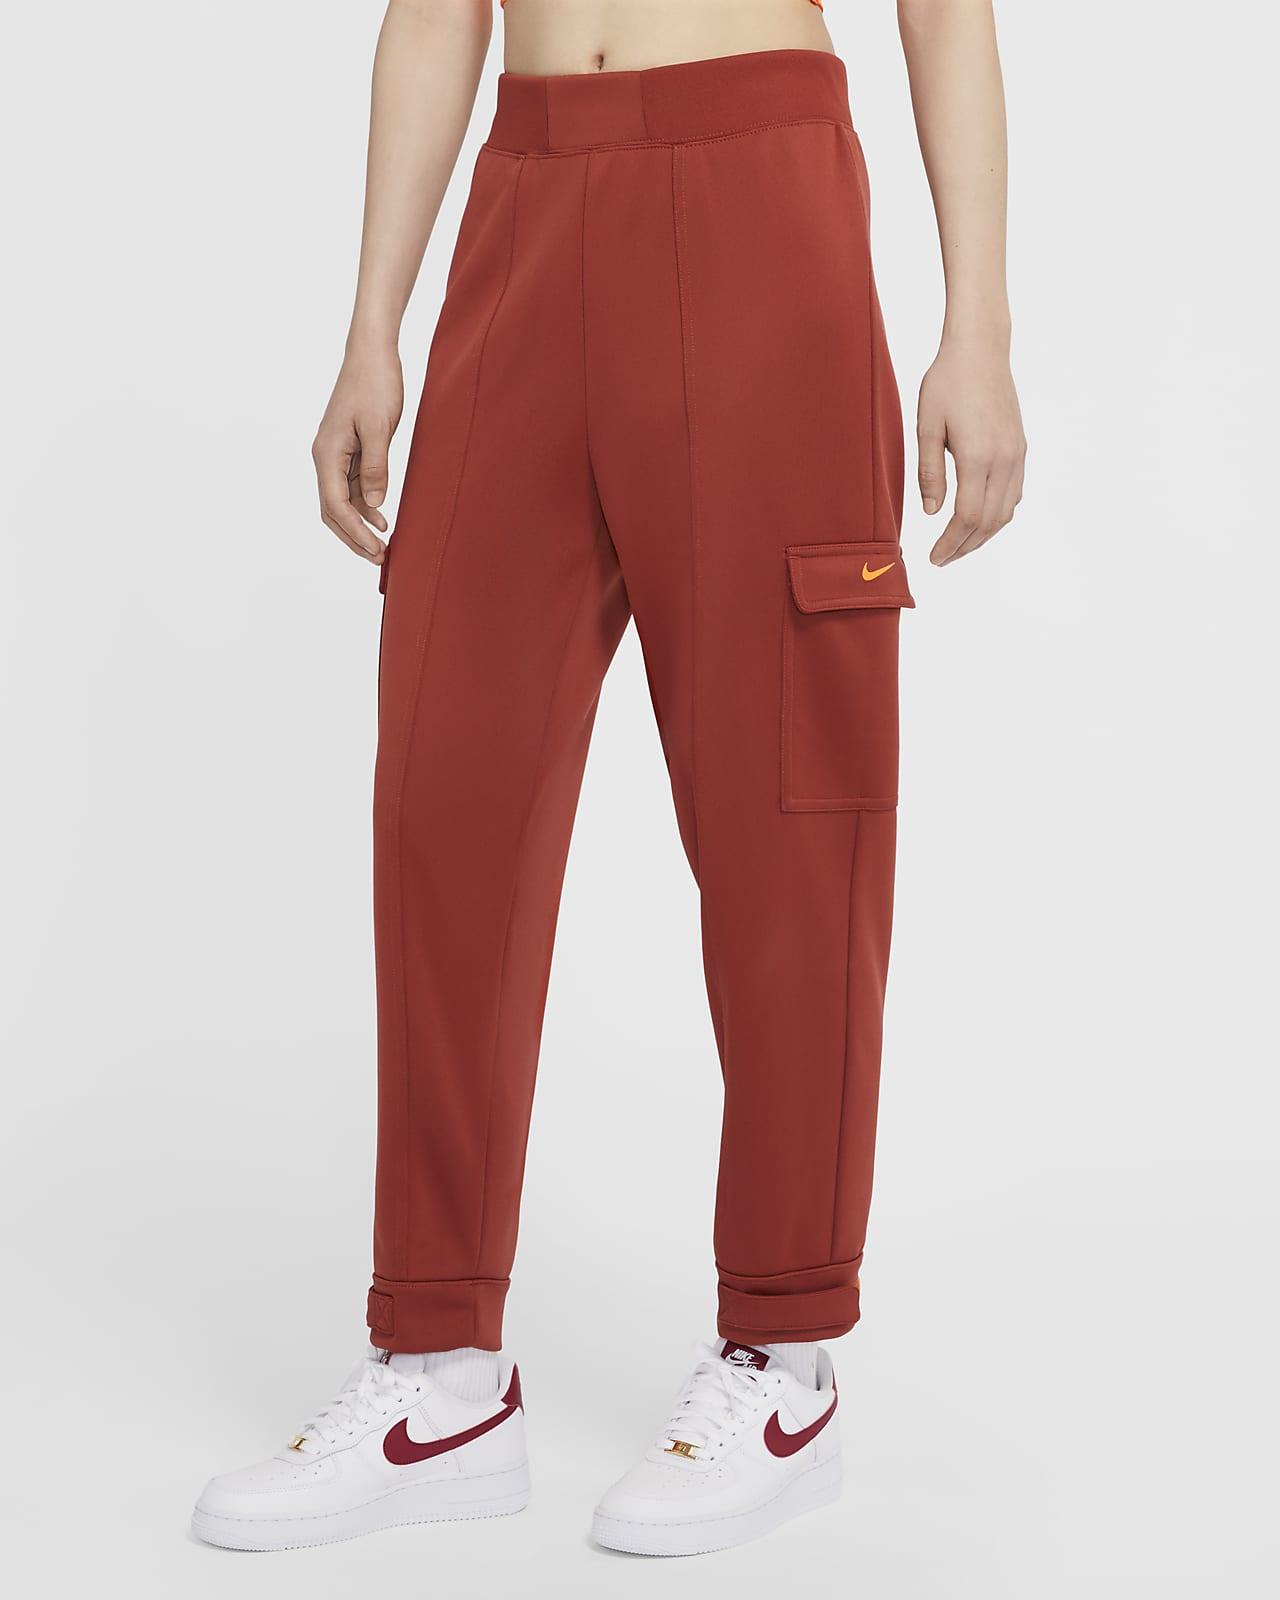 Nike Sportswear Swoosh Women's Pants